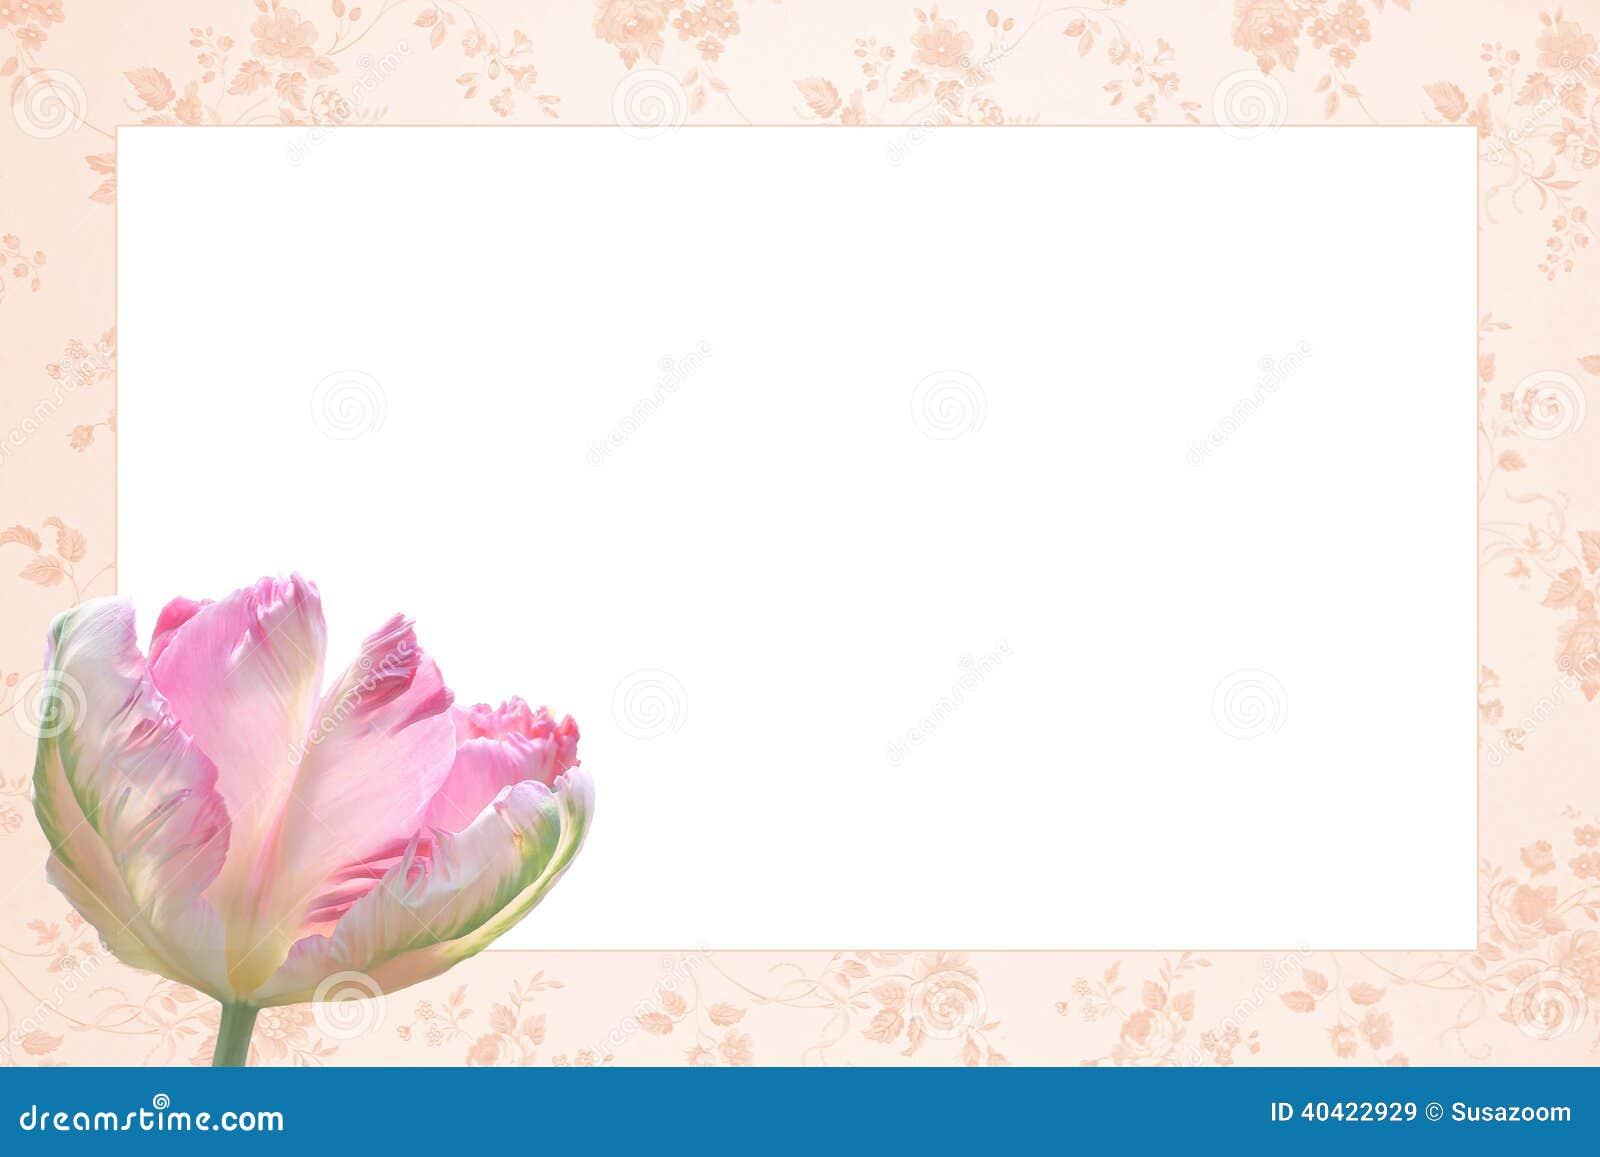 Marco floral nostálgico con la flor hermosa del tulipán tricolora